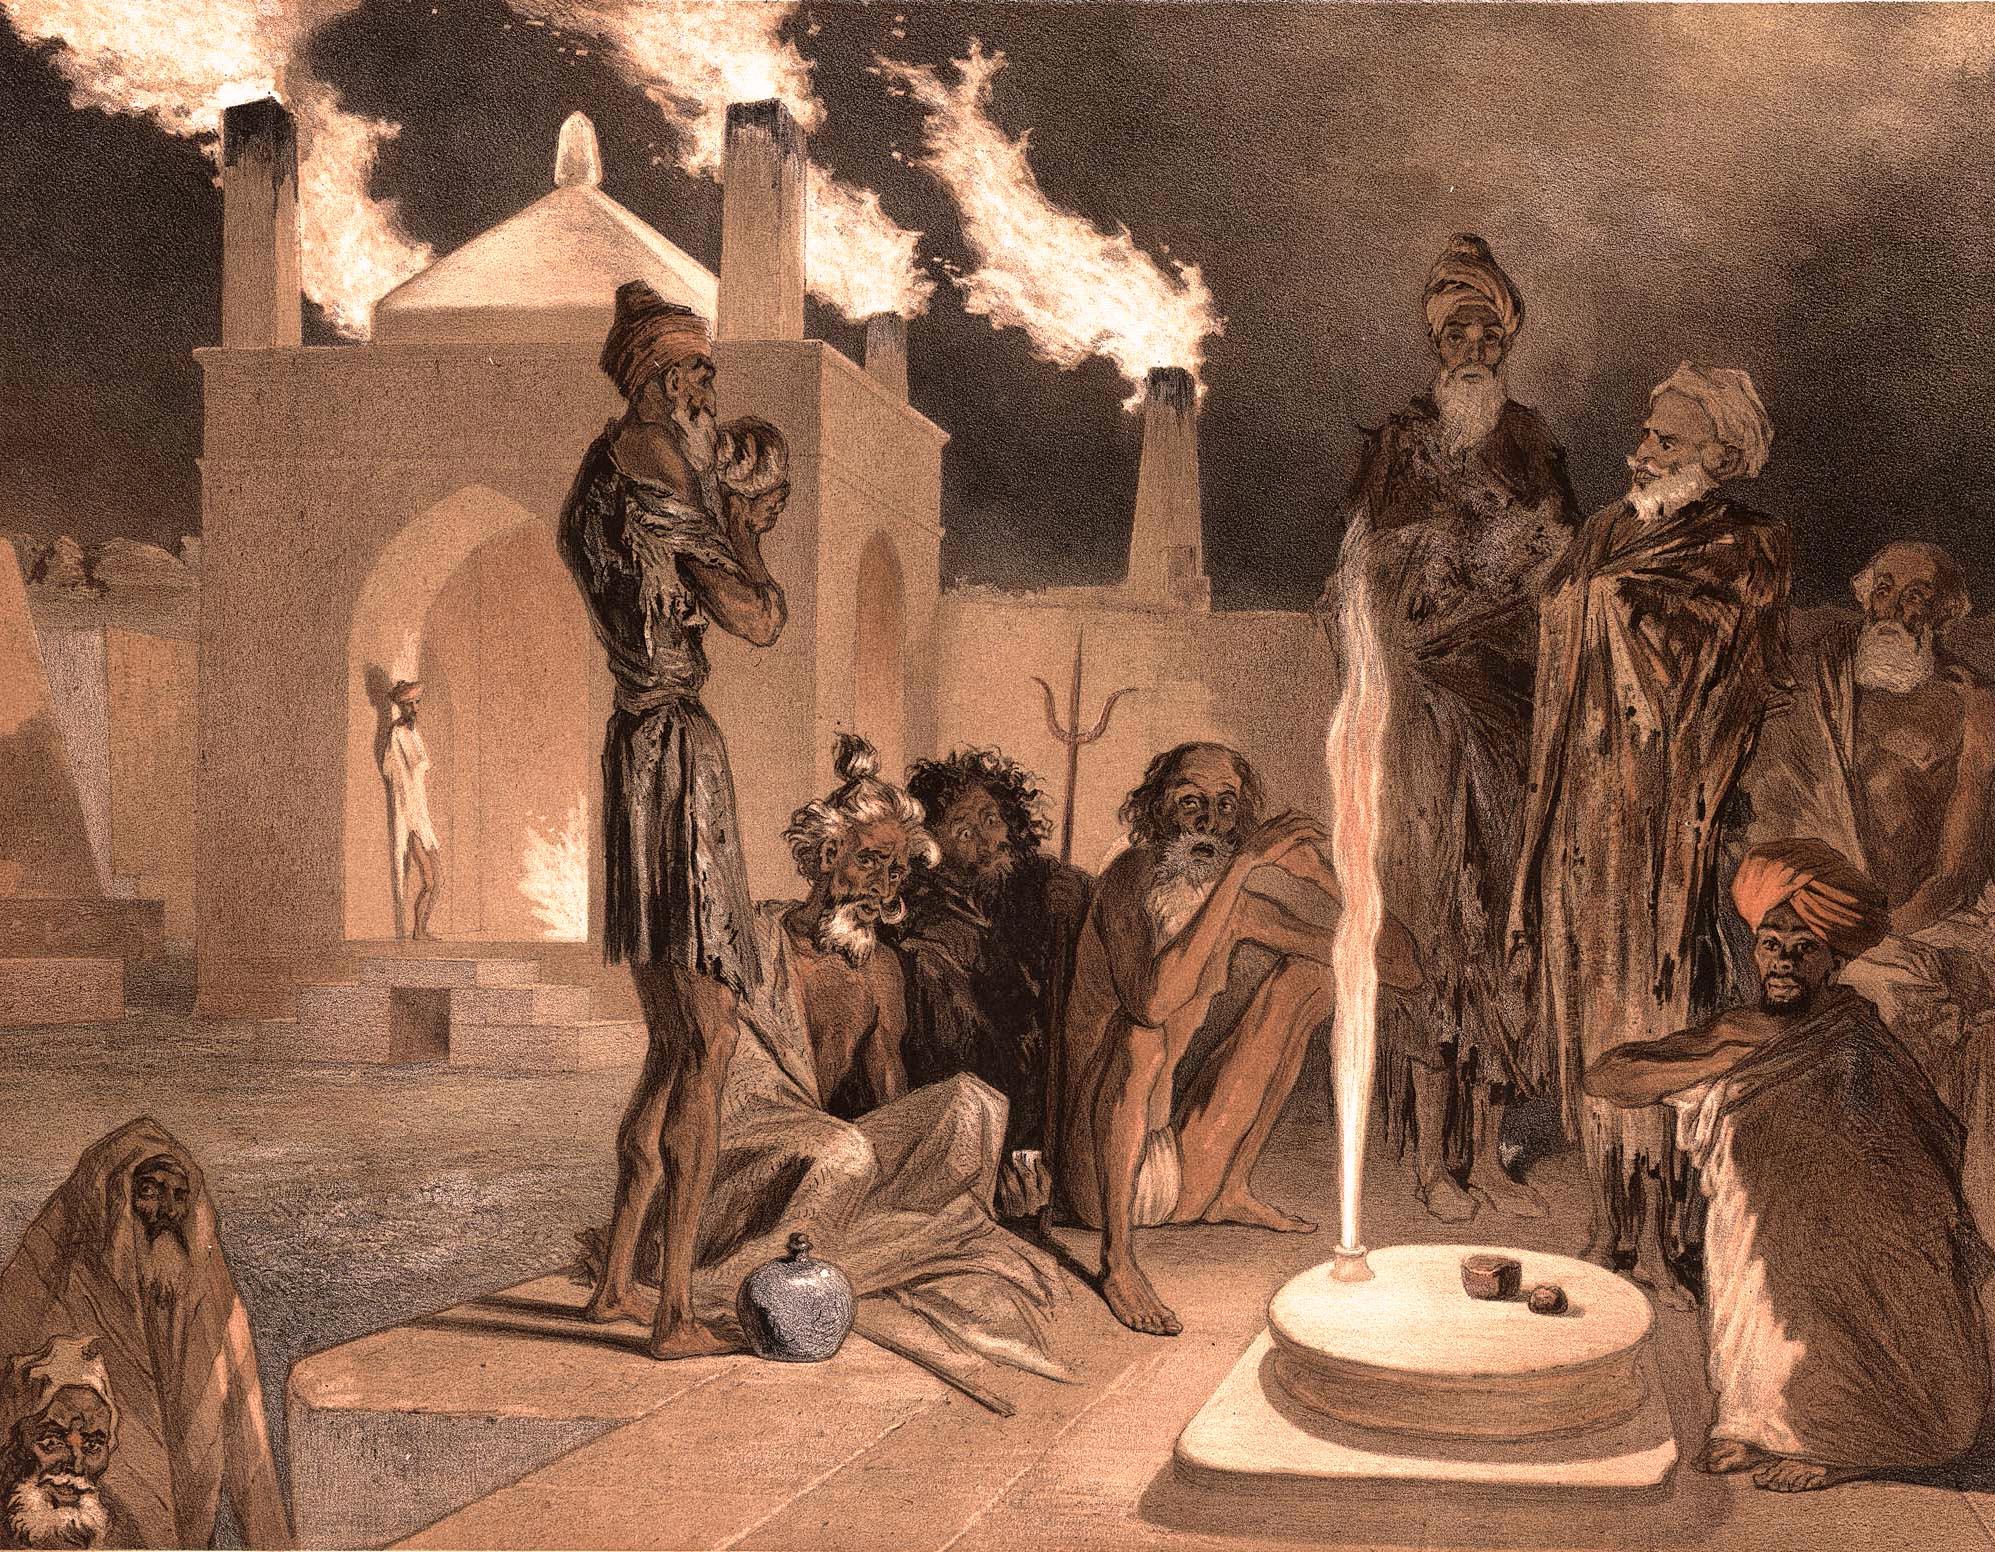 44. Bakou. Ateseh-Gah, Indiens adonnes au culte du feu / Баку. Атешгях [индийский храм огнепоклонников], индиец выполняет ритуал огня